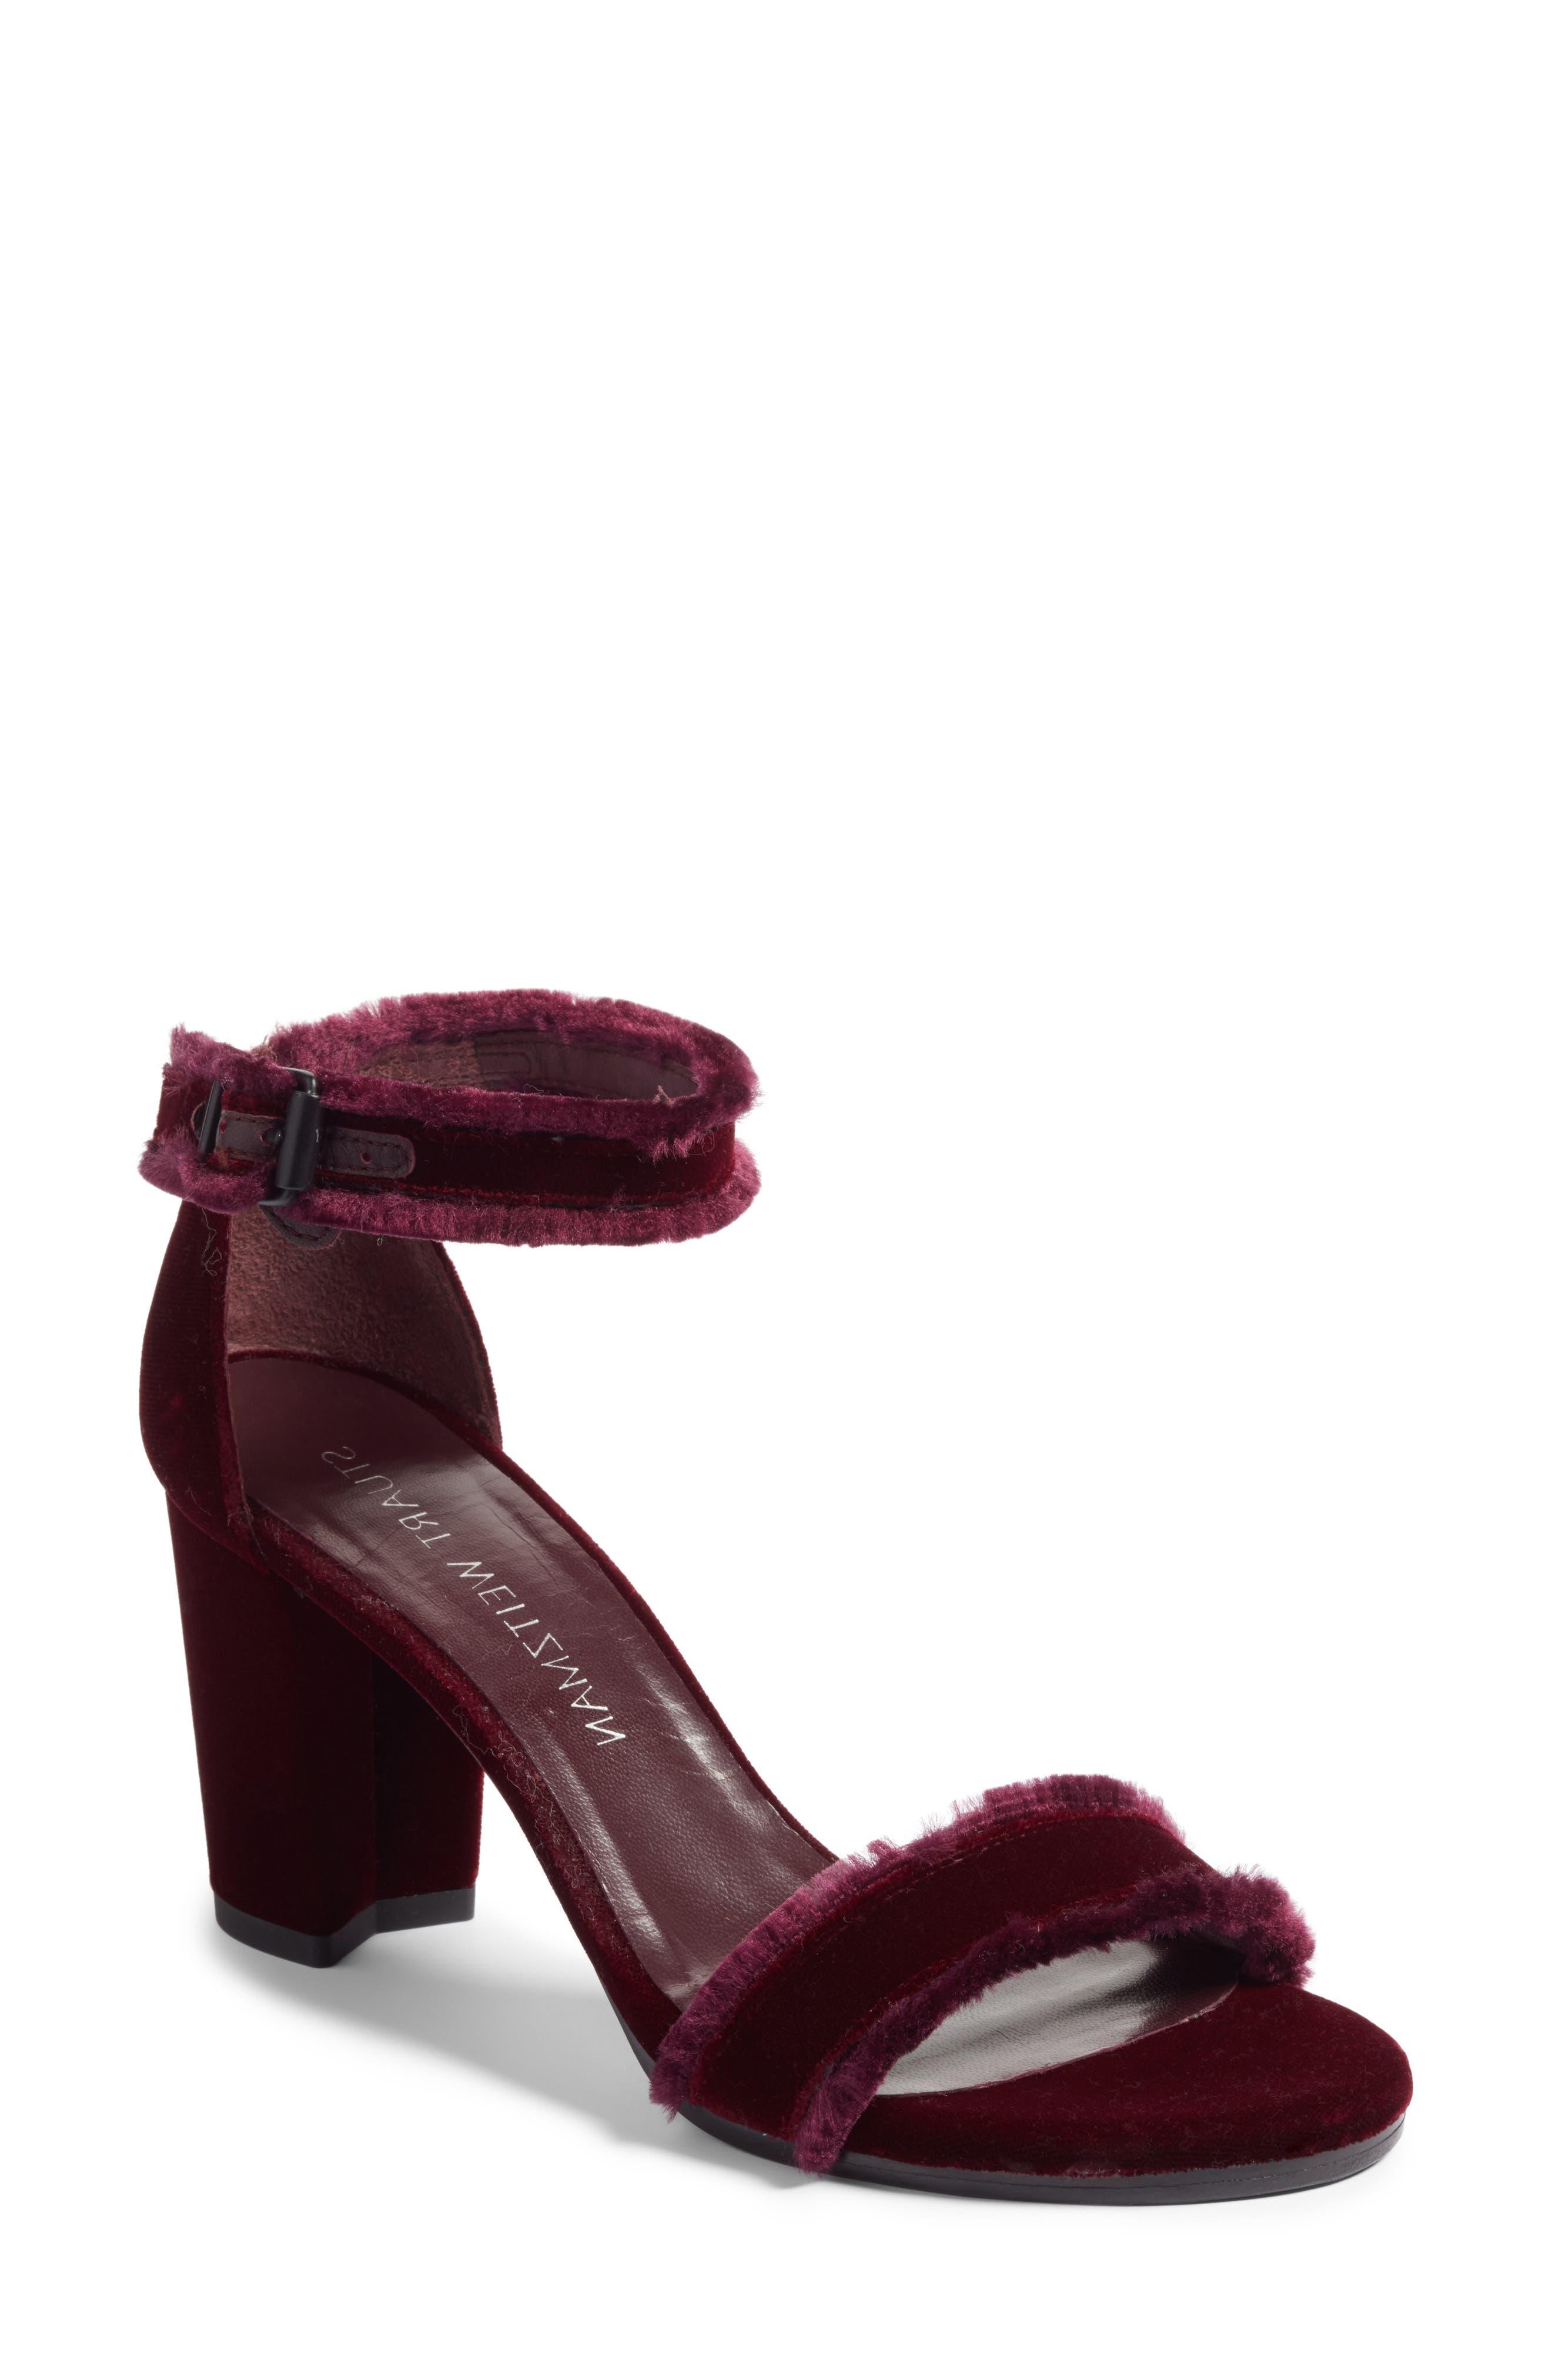 Main Image - Stuart Weitzman Frayed Ankle Strap Sandal (Women)